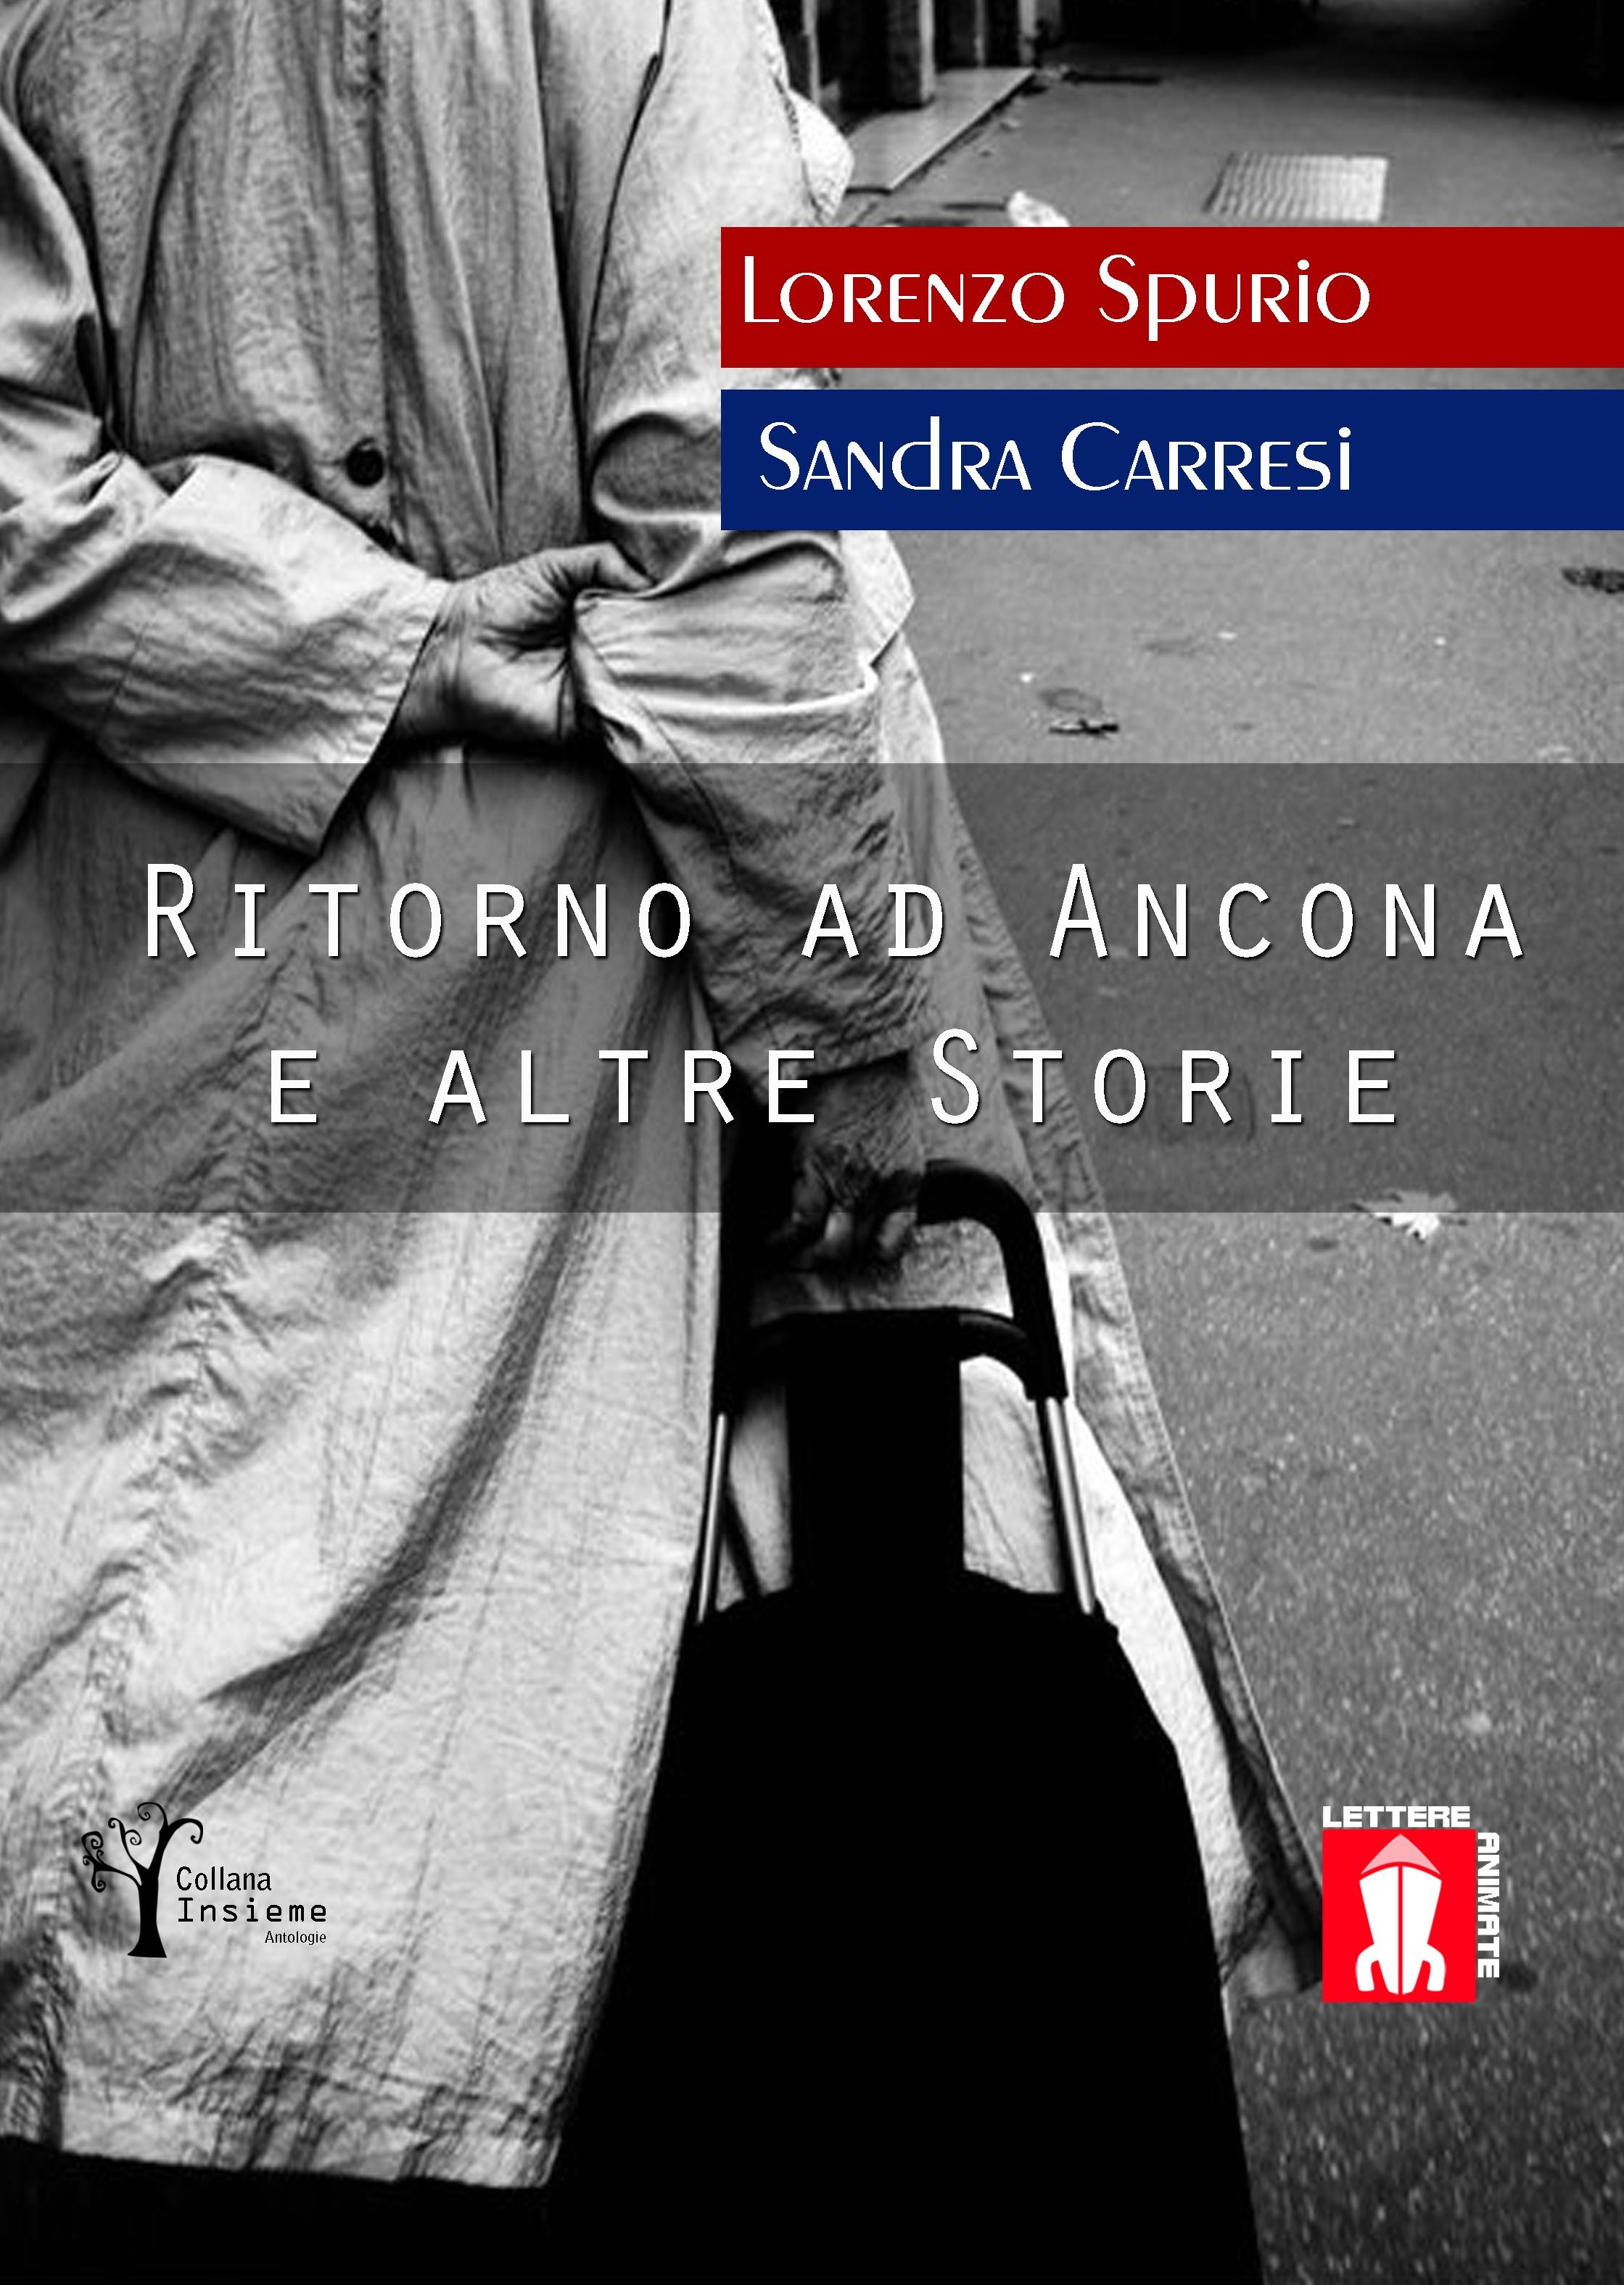 Ritorno ad Ancona e altre storie